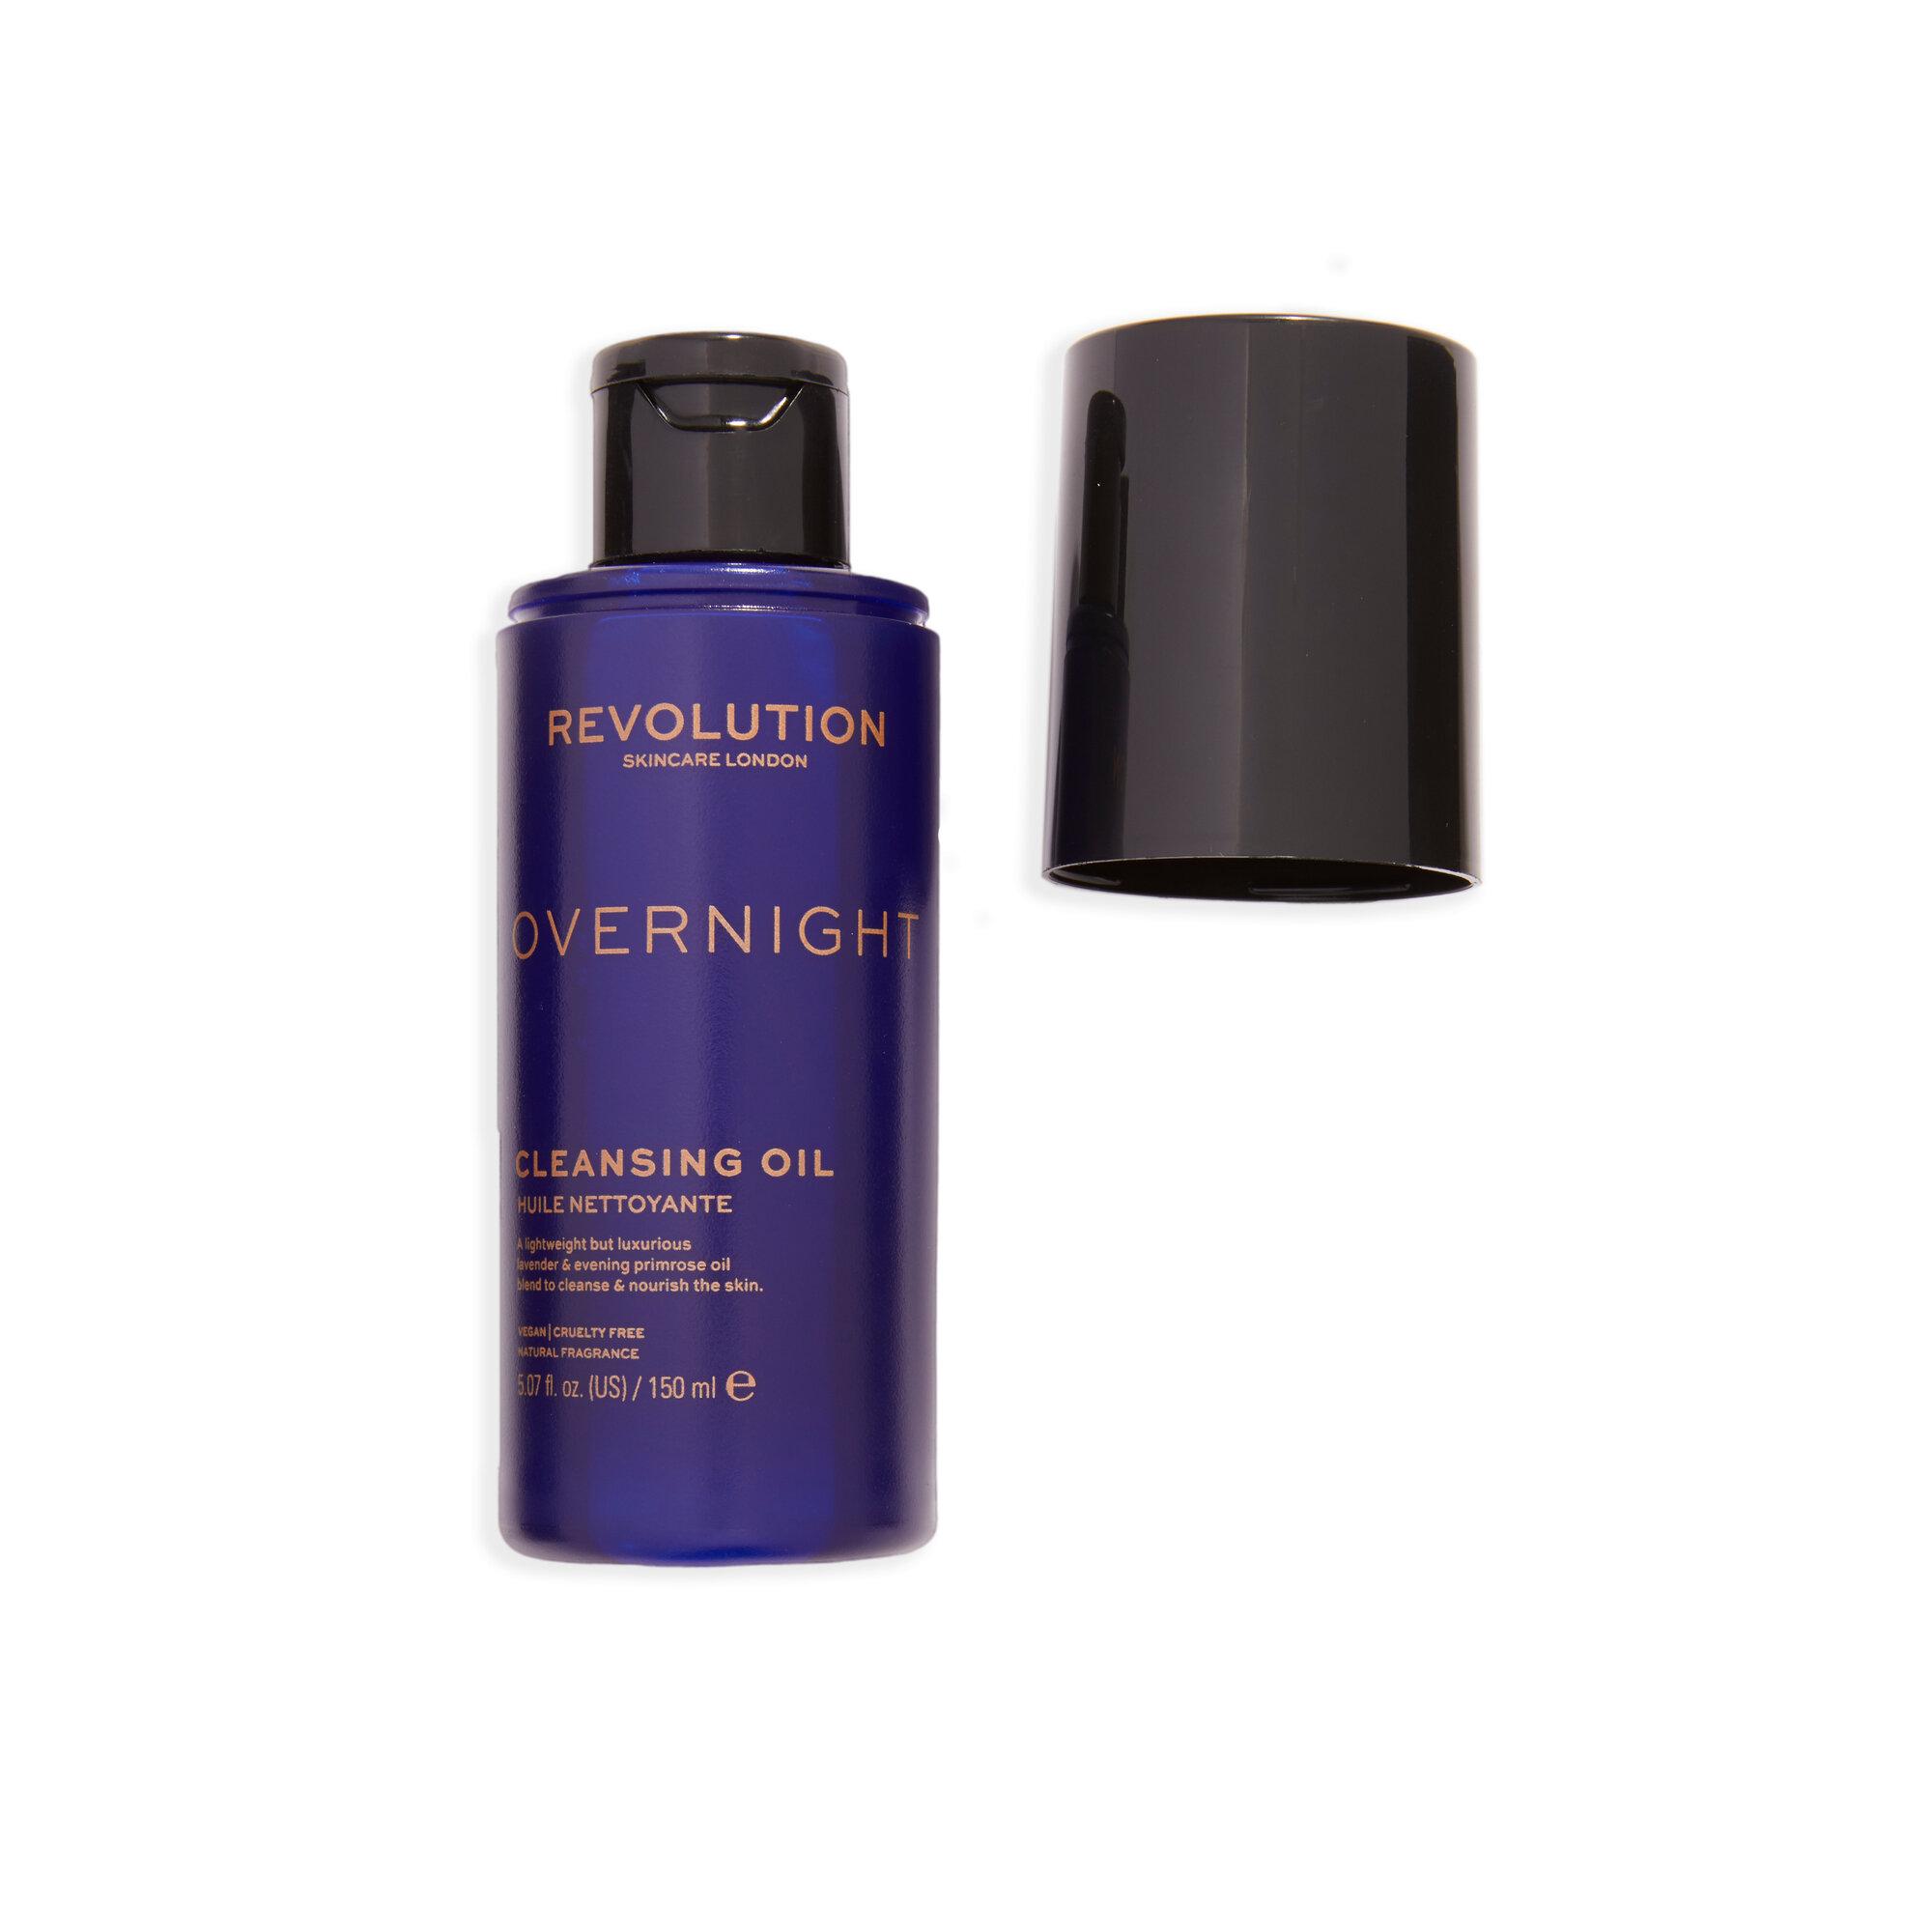 Revolution Skincare Overnight Nourishing Cleansing Oil